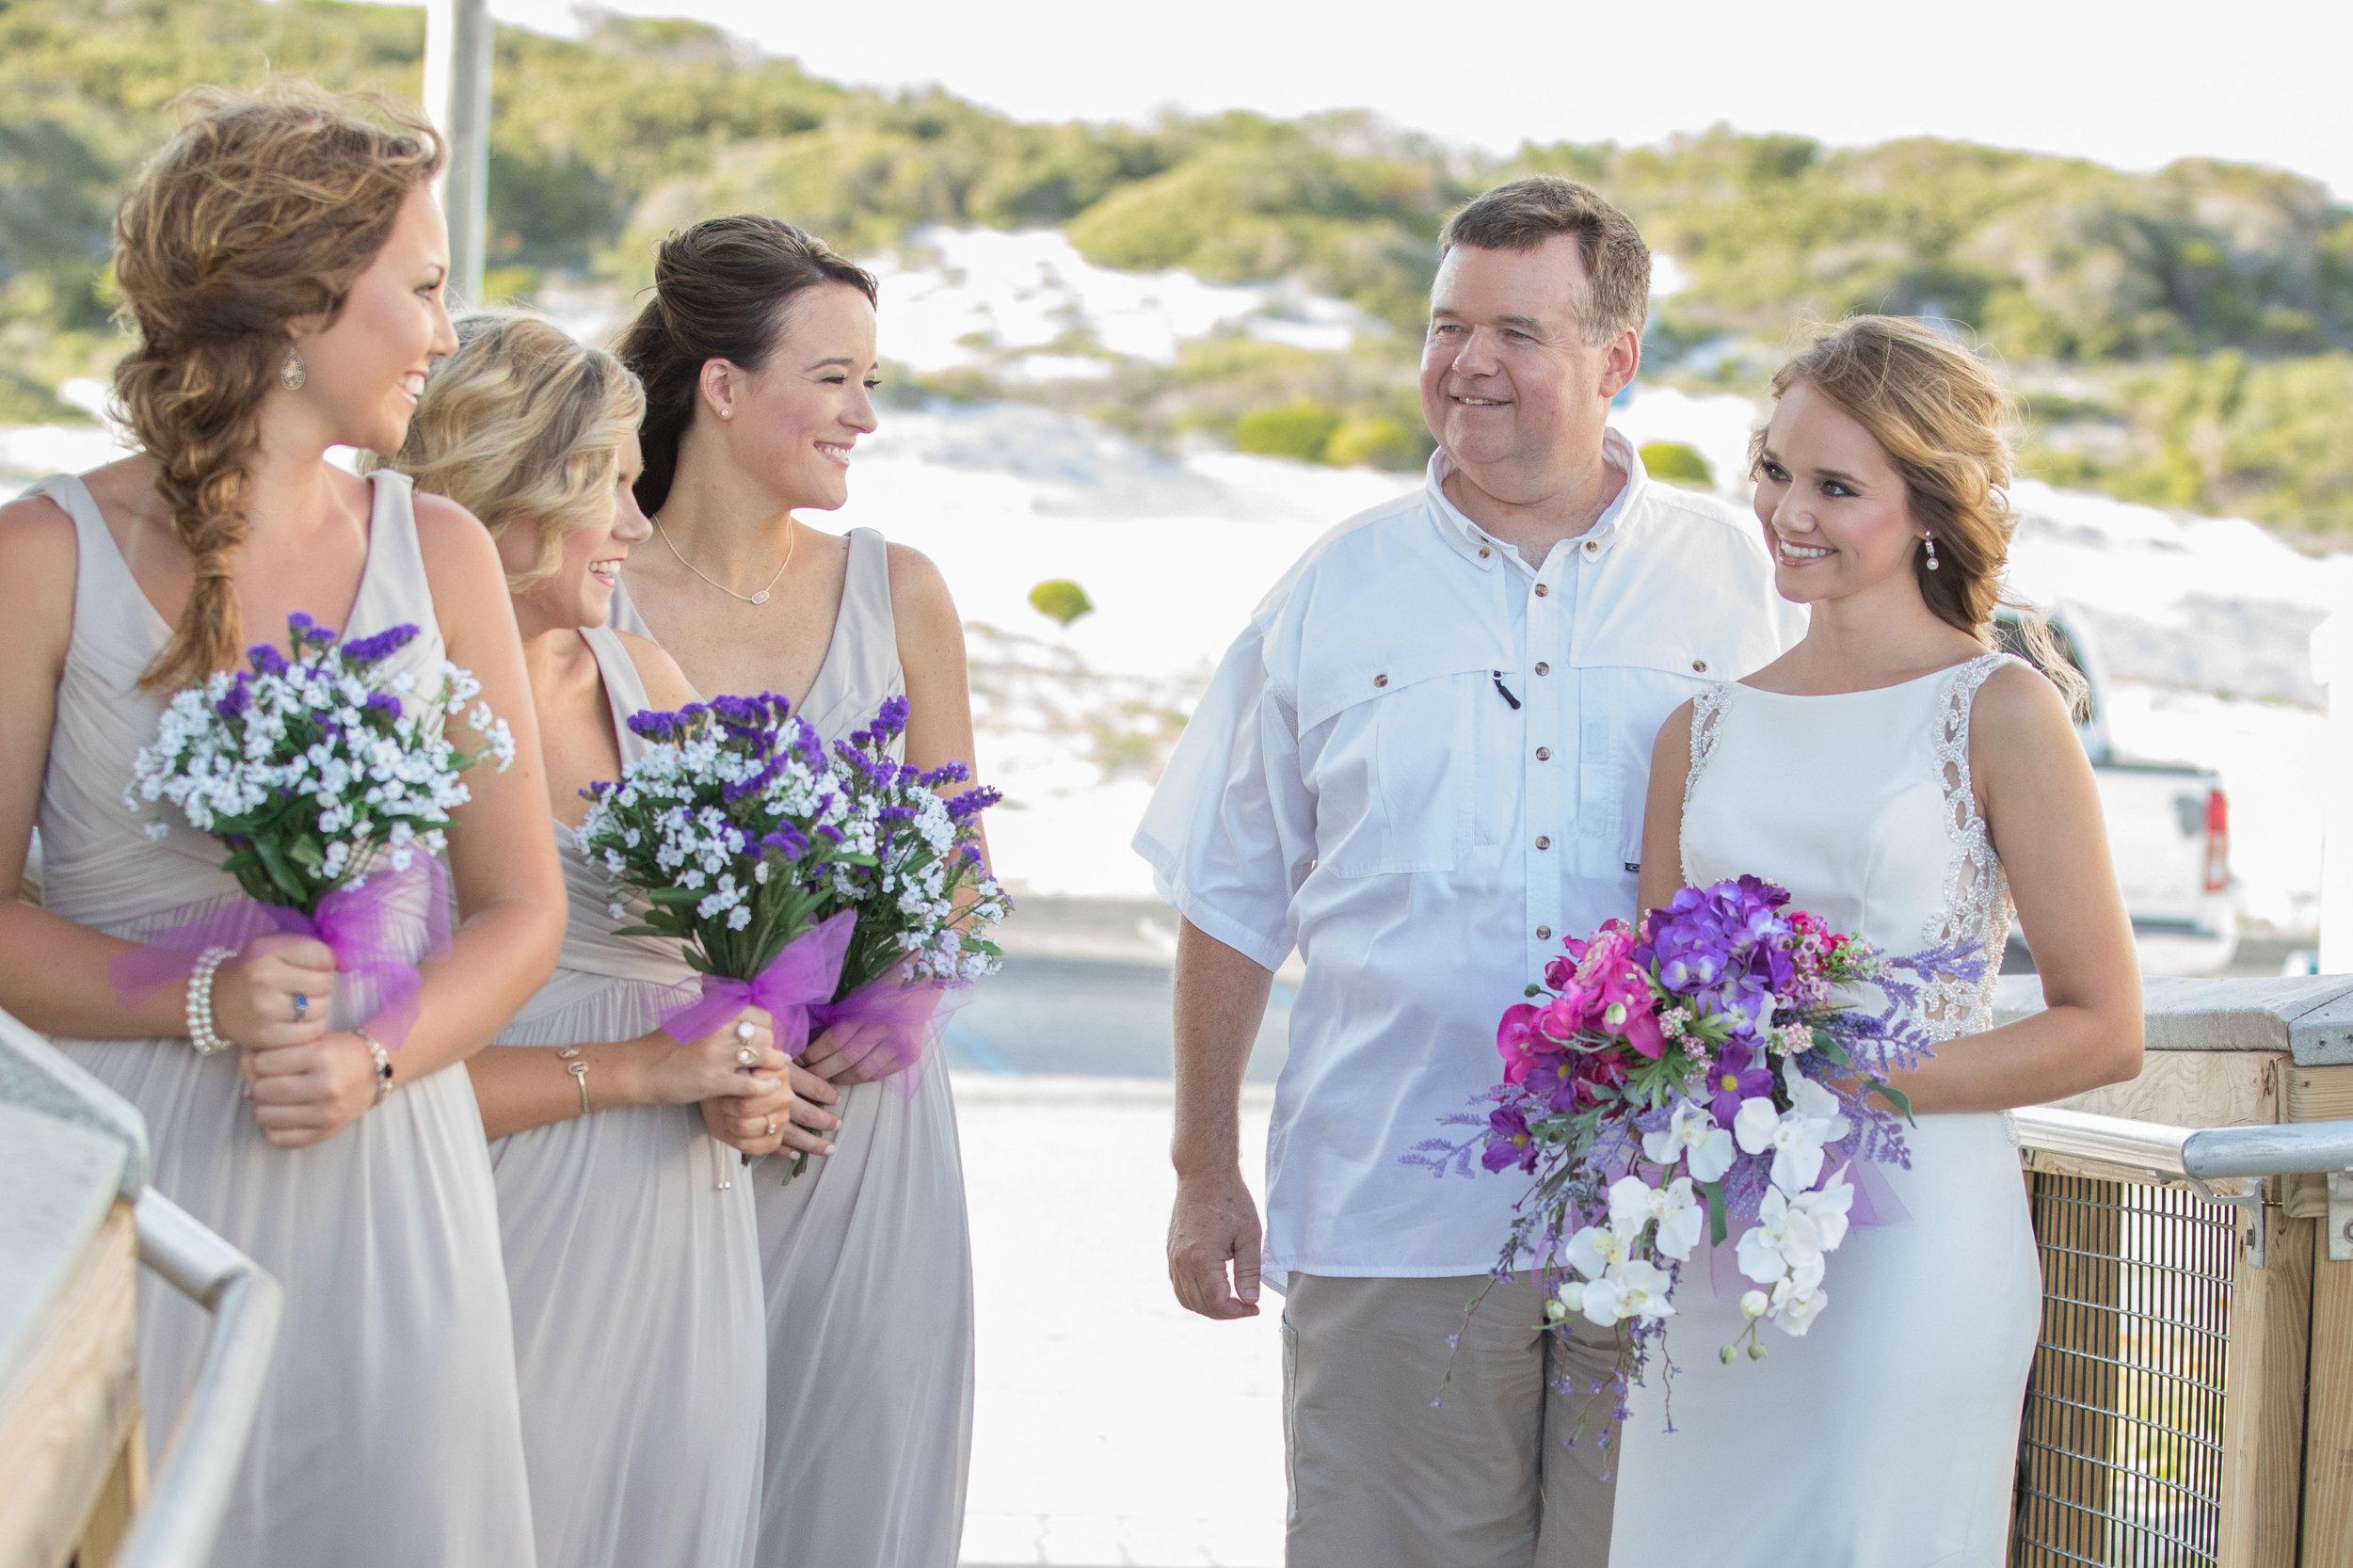 destin beach wedding package picture01_ (2).jpg